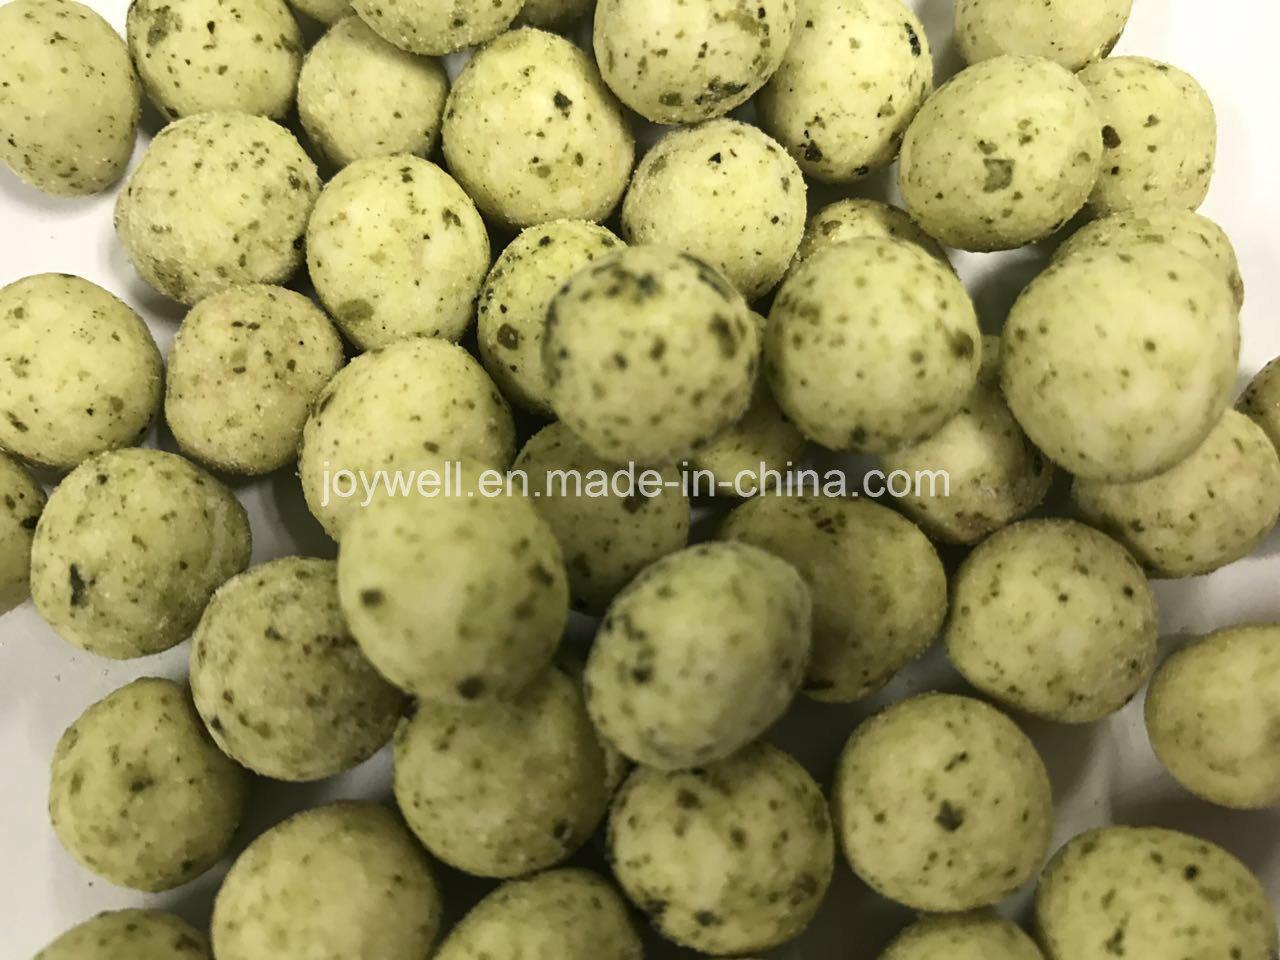 Seaweed Flavor Coated Green Peas Big Size OEM Package